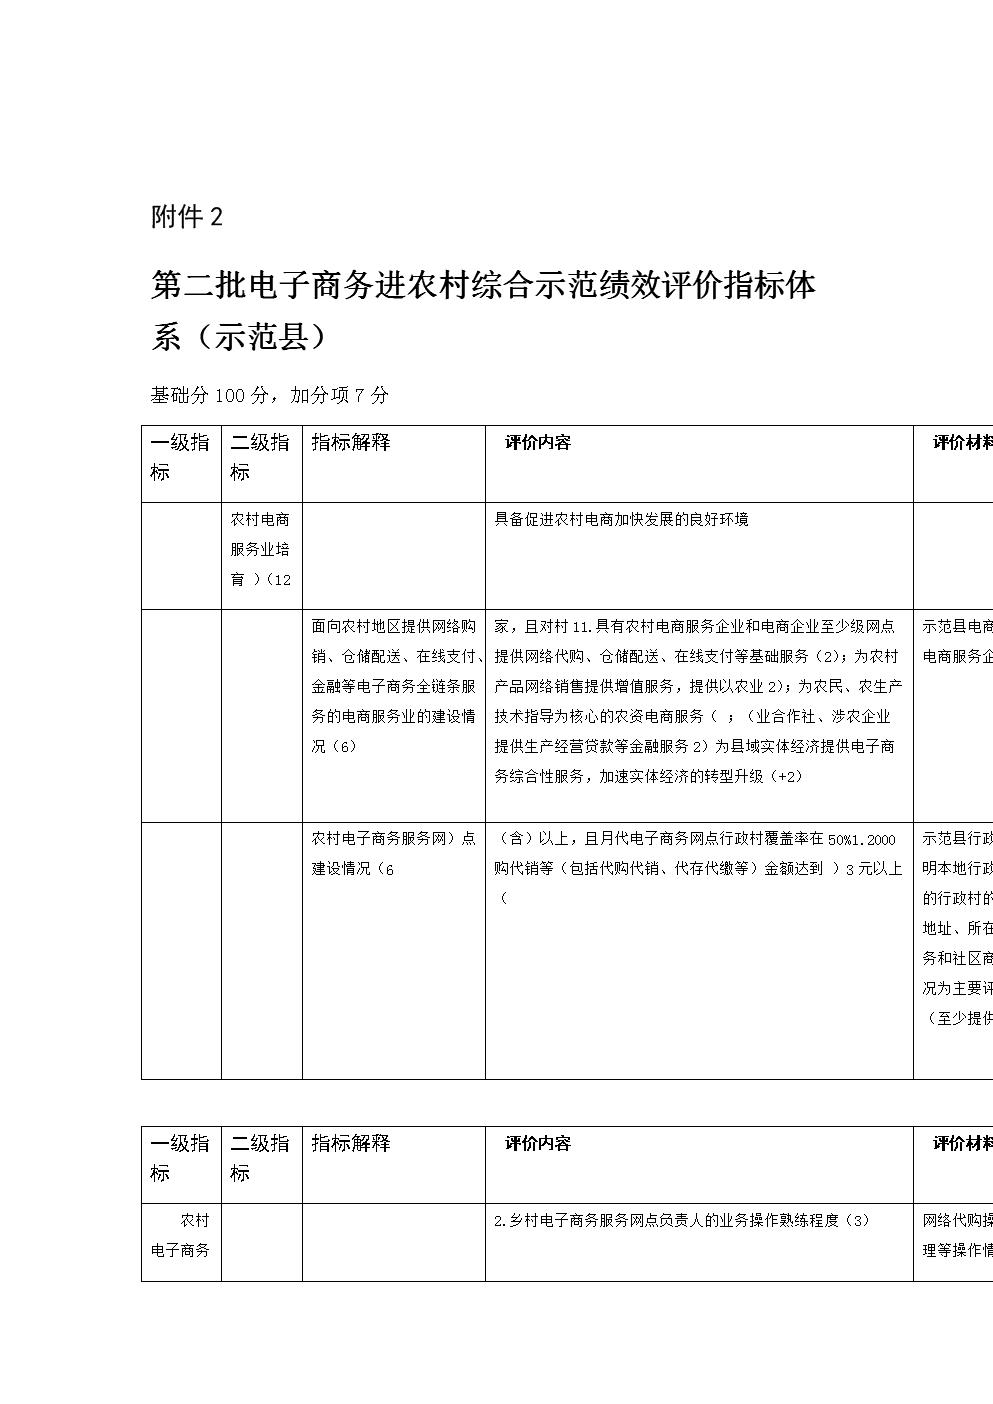 第二批电子商务进农村综合示范绩效评价指标体系示范县word版本.doc